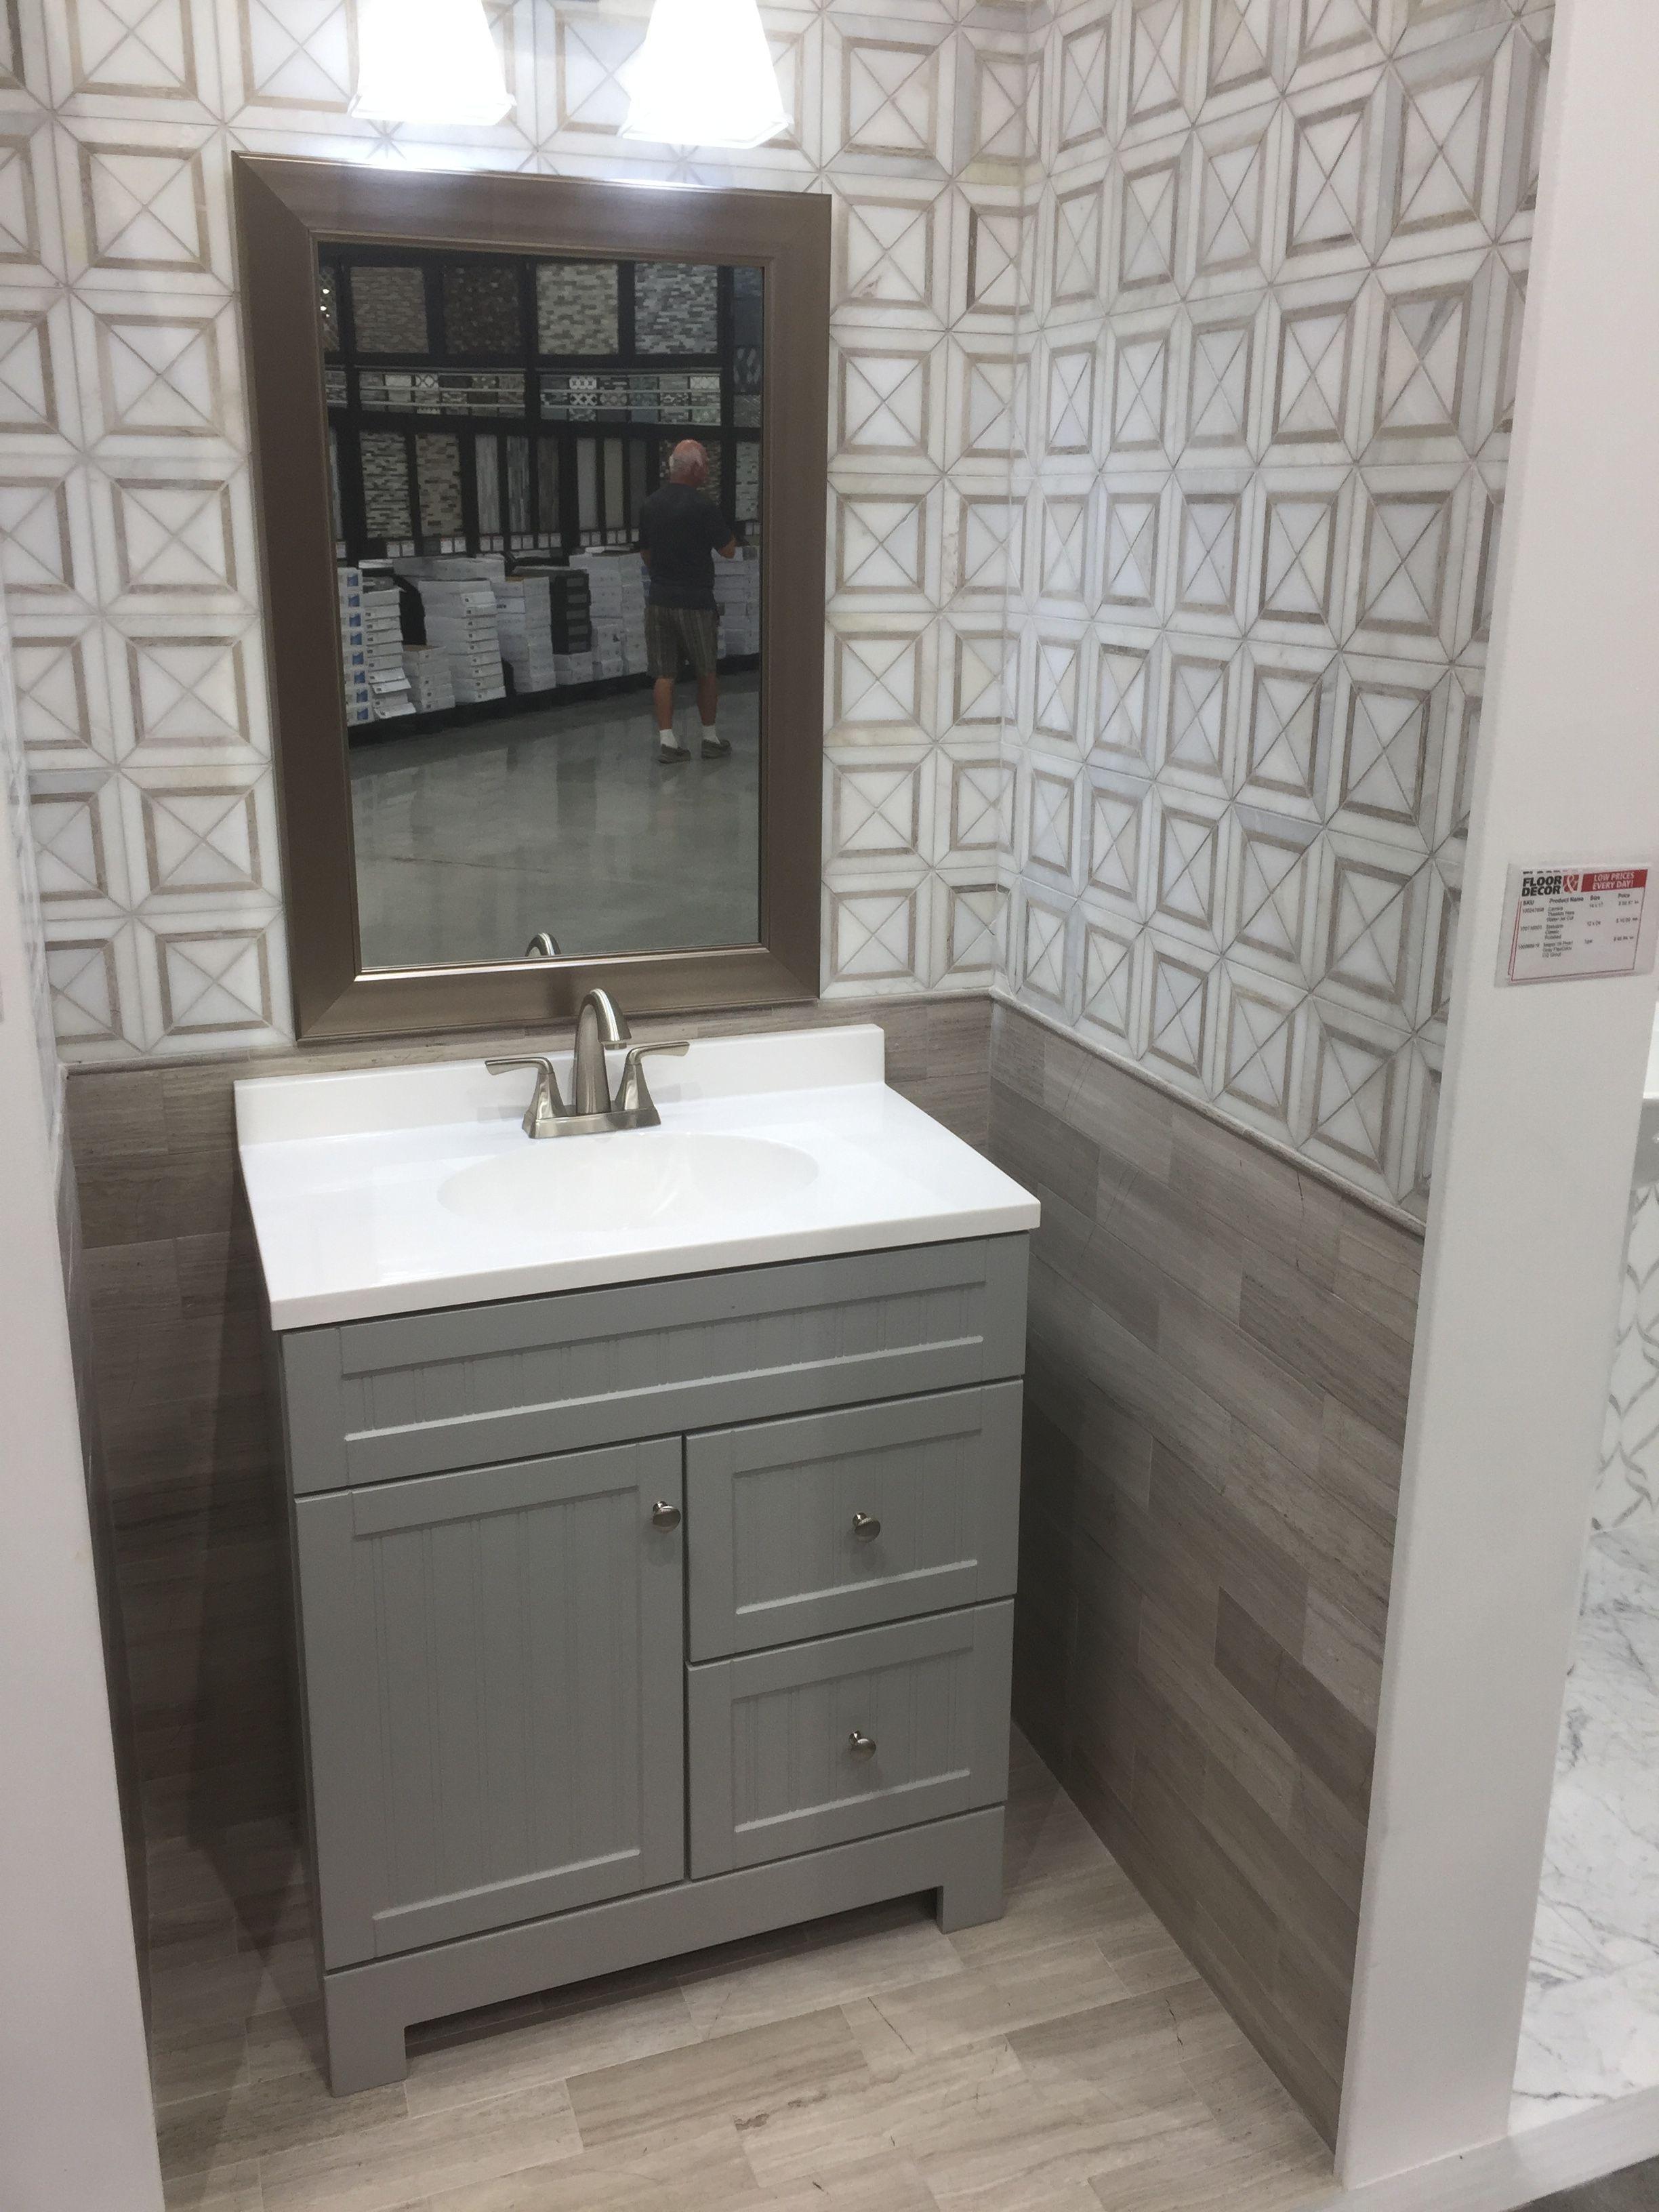 Bathroom Vanities Floor And Decor in 9  Bathroom vanity decor